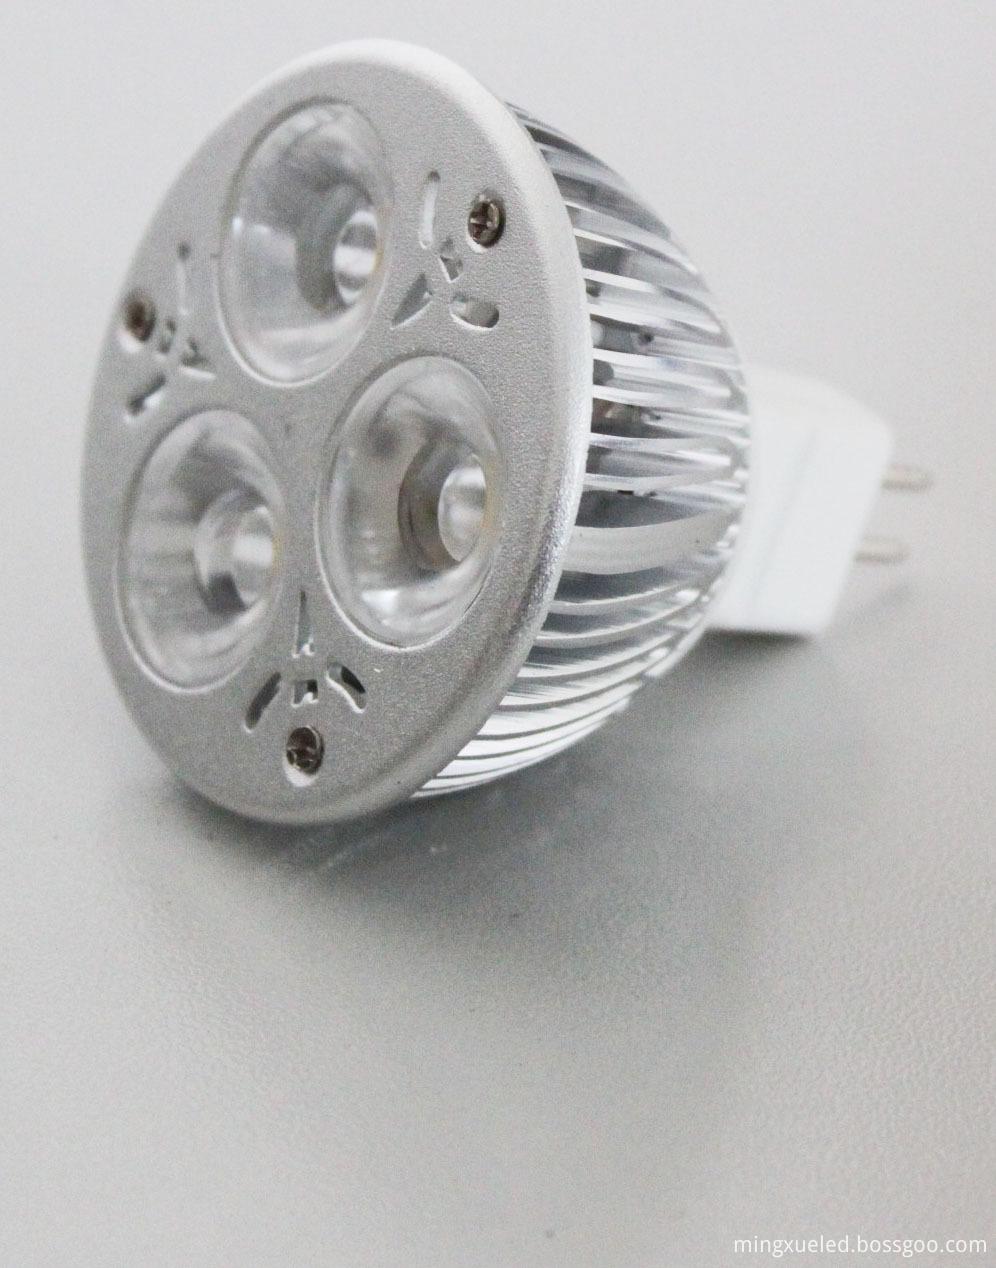 ML-MR16-31W spot light